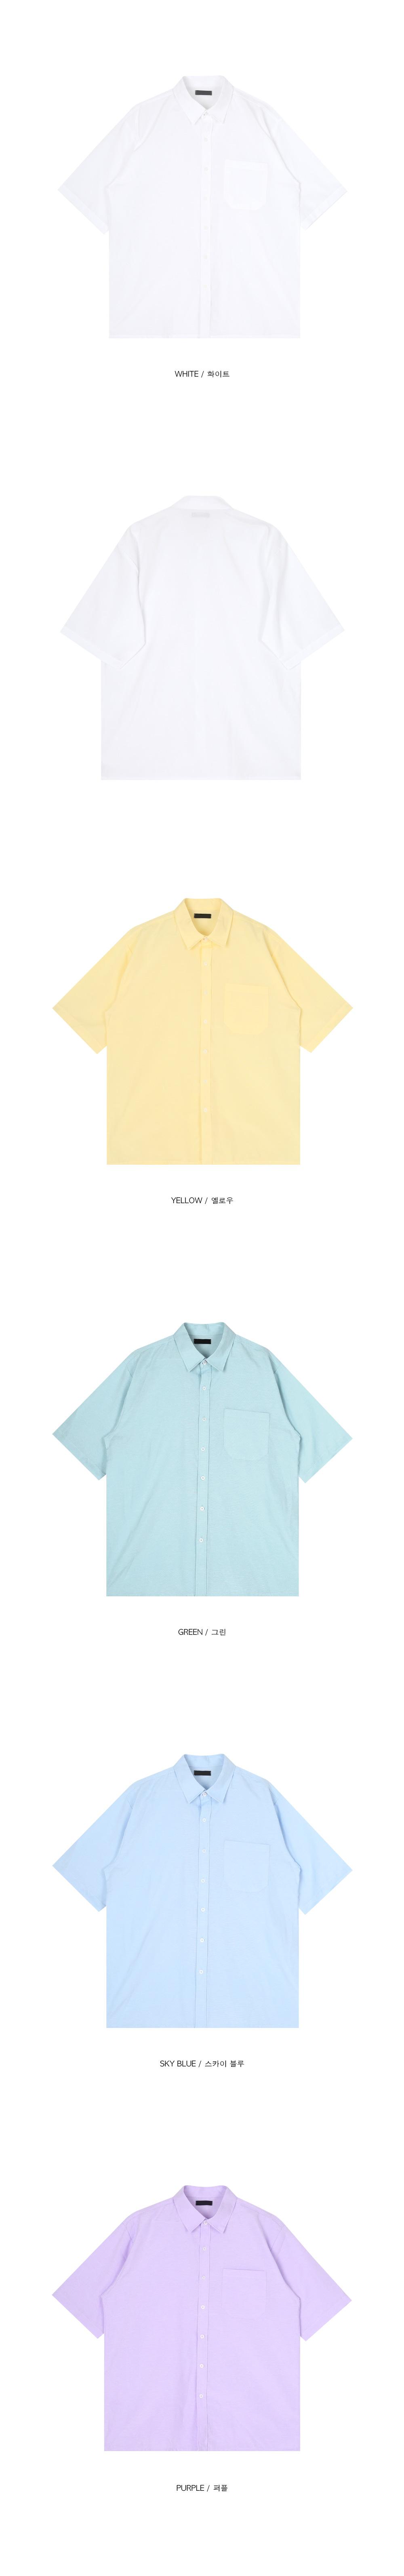 oxford 1/2 shirts - men